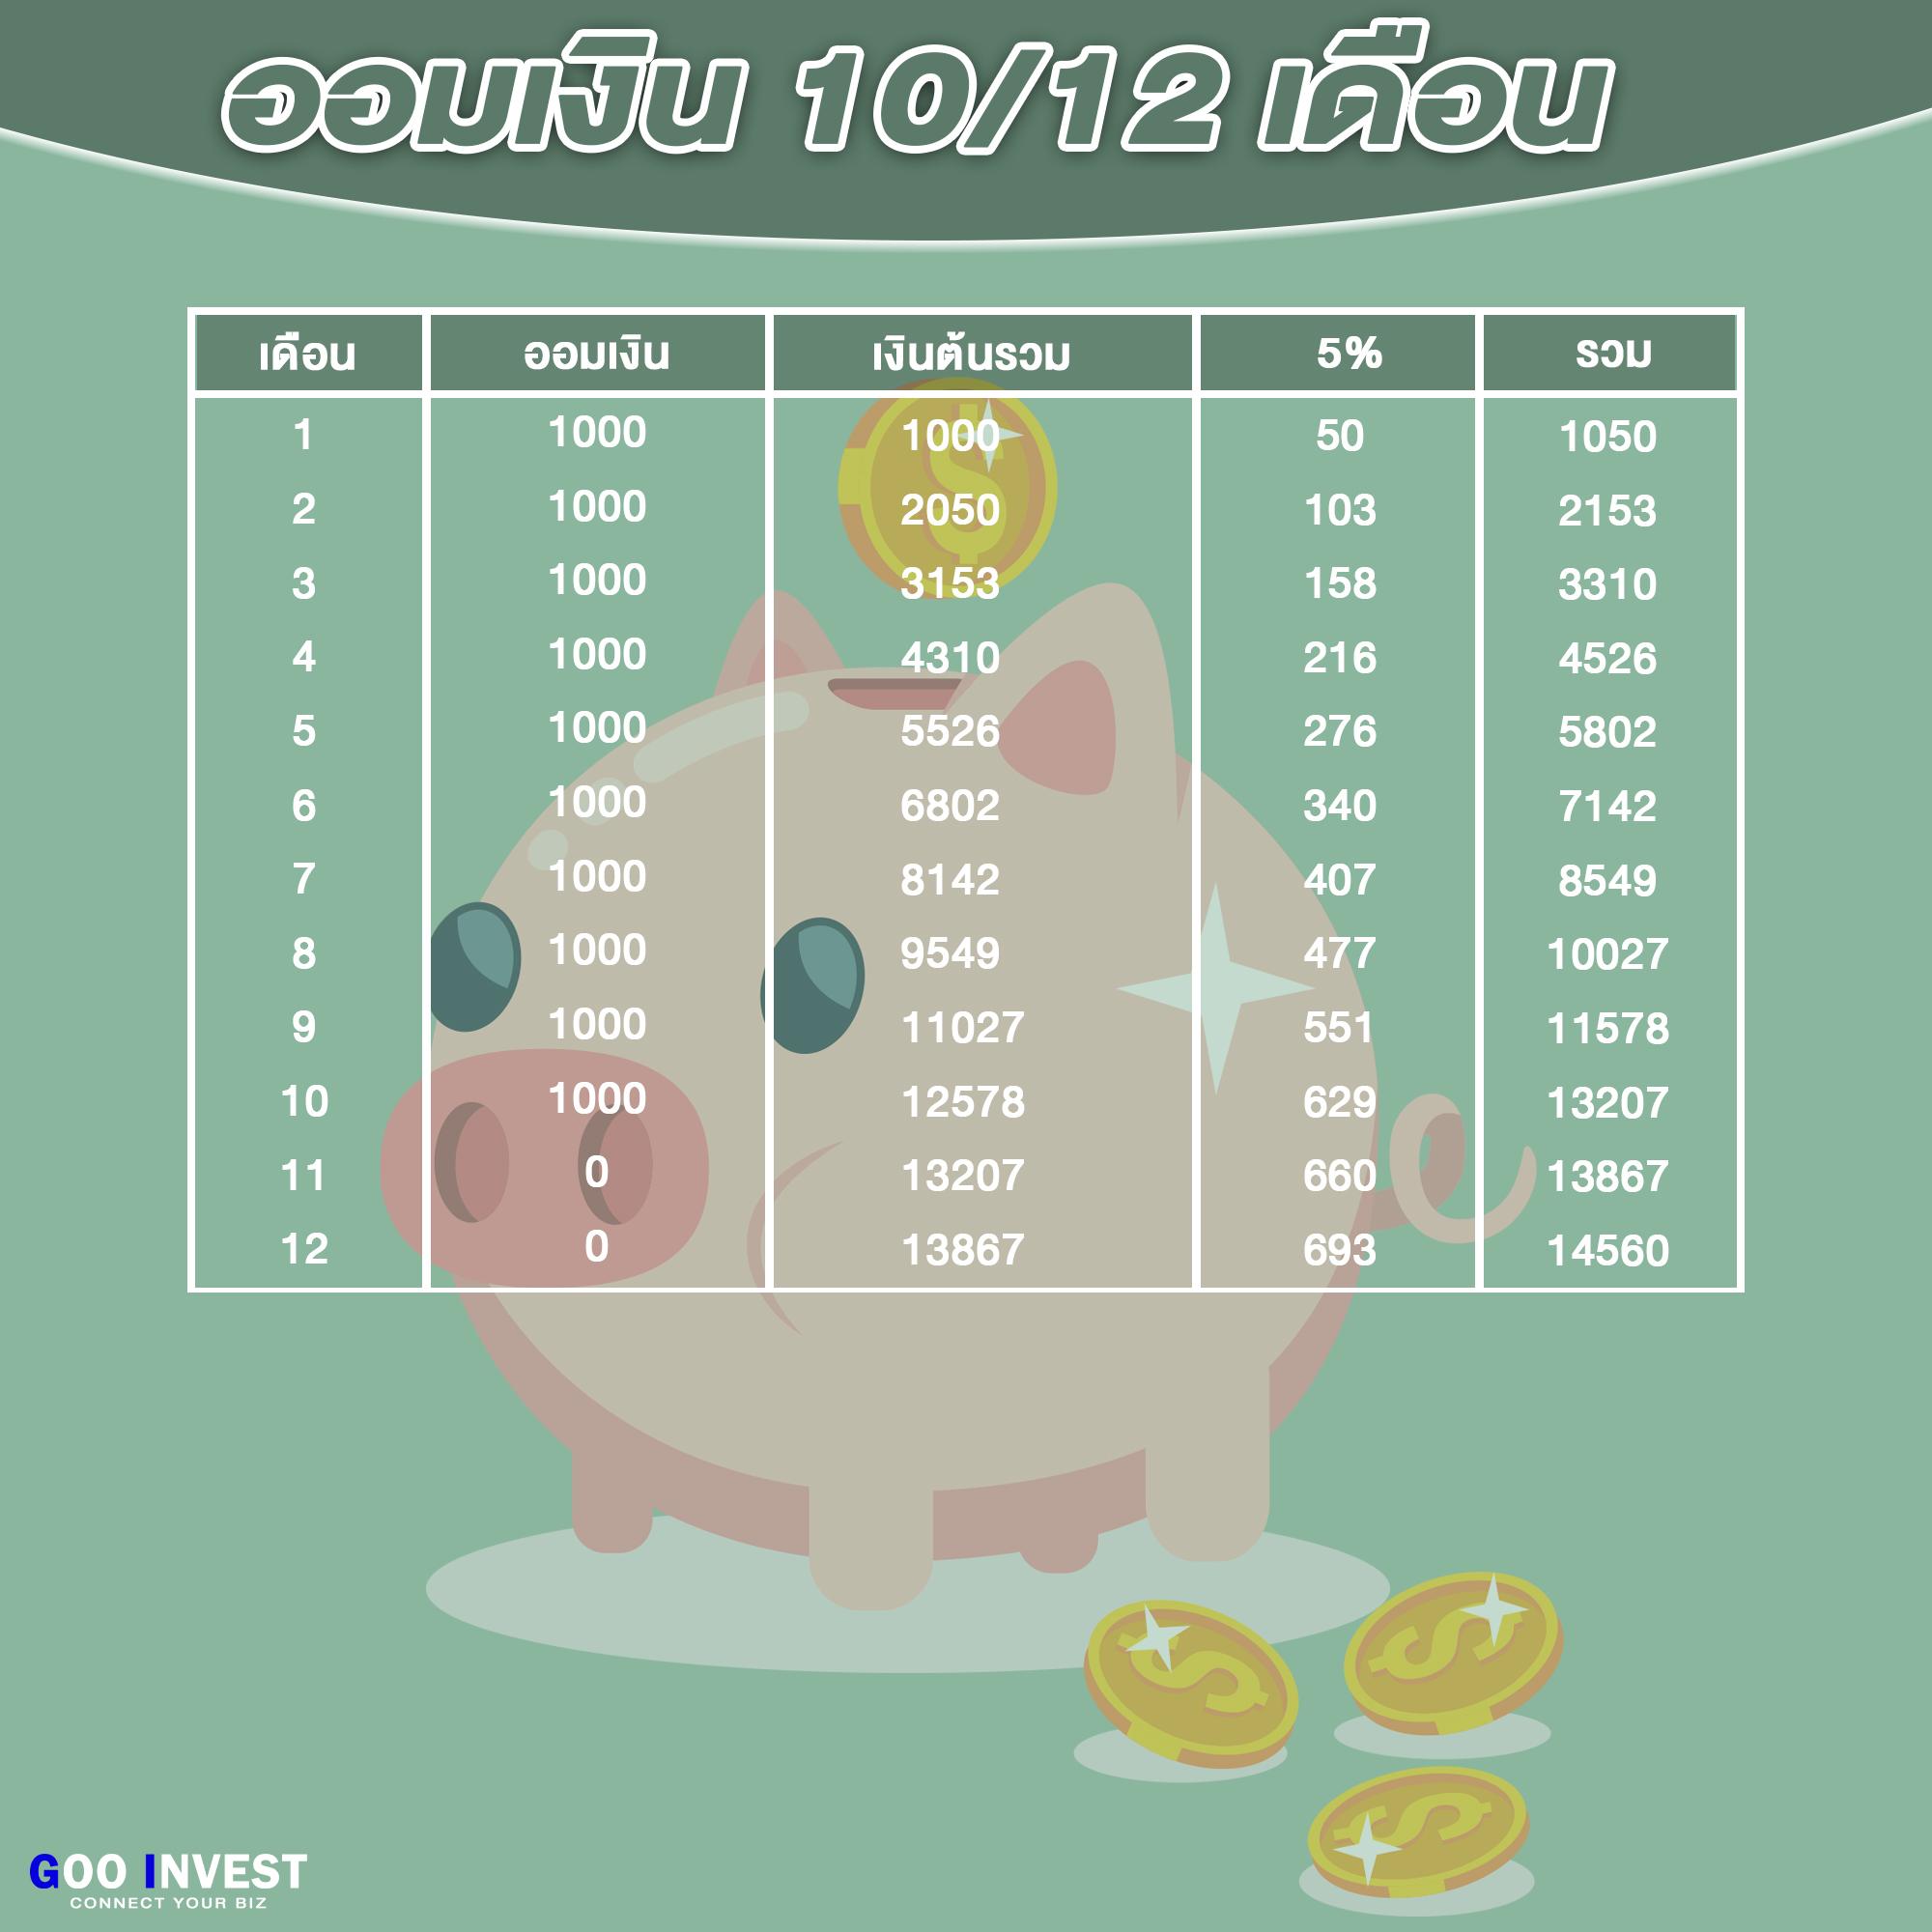 การออม ใน Copy Trade10-12 Goo Invest